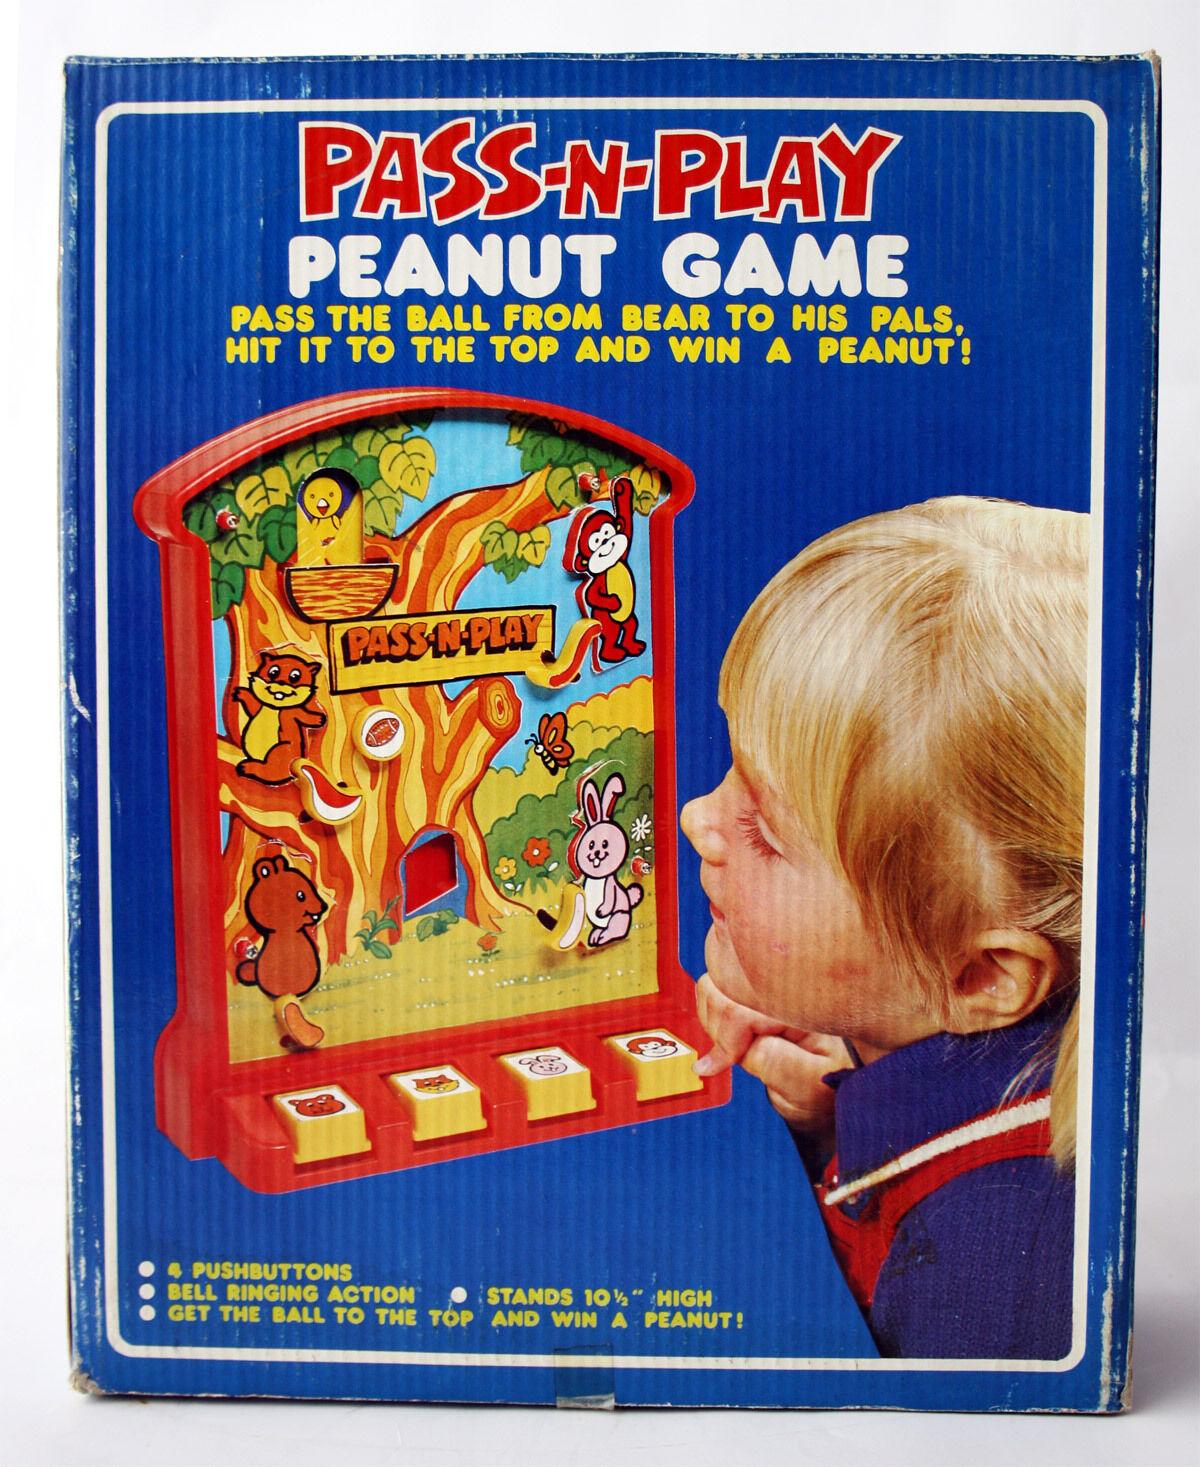 barato Rara De colección años años años 80 pase Juego de maní n Jugar Juego De Mesa Hong Kong Nuevo Sin Usar, En Caja   n ° 1 en línea